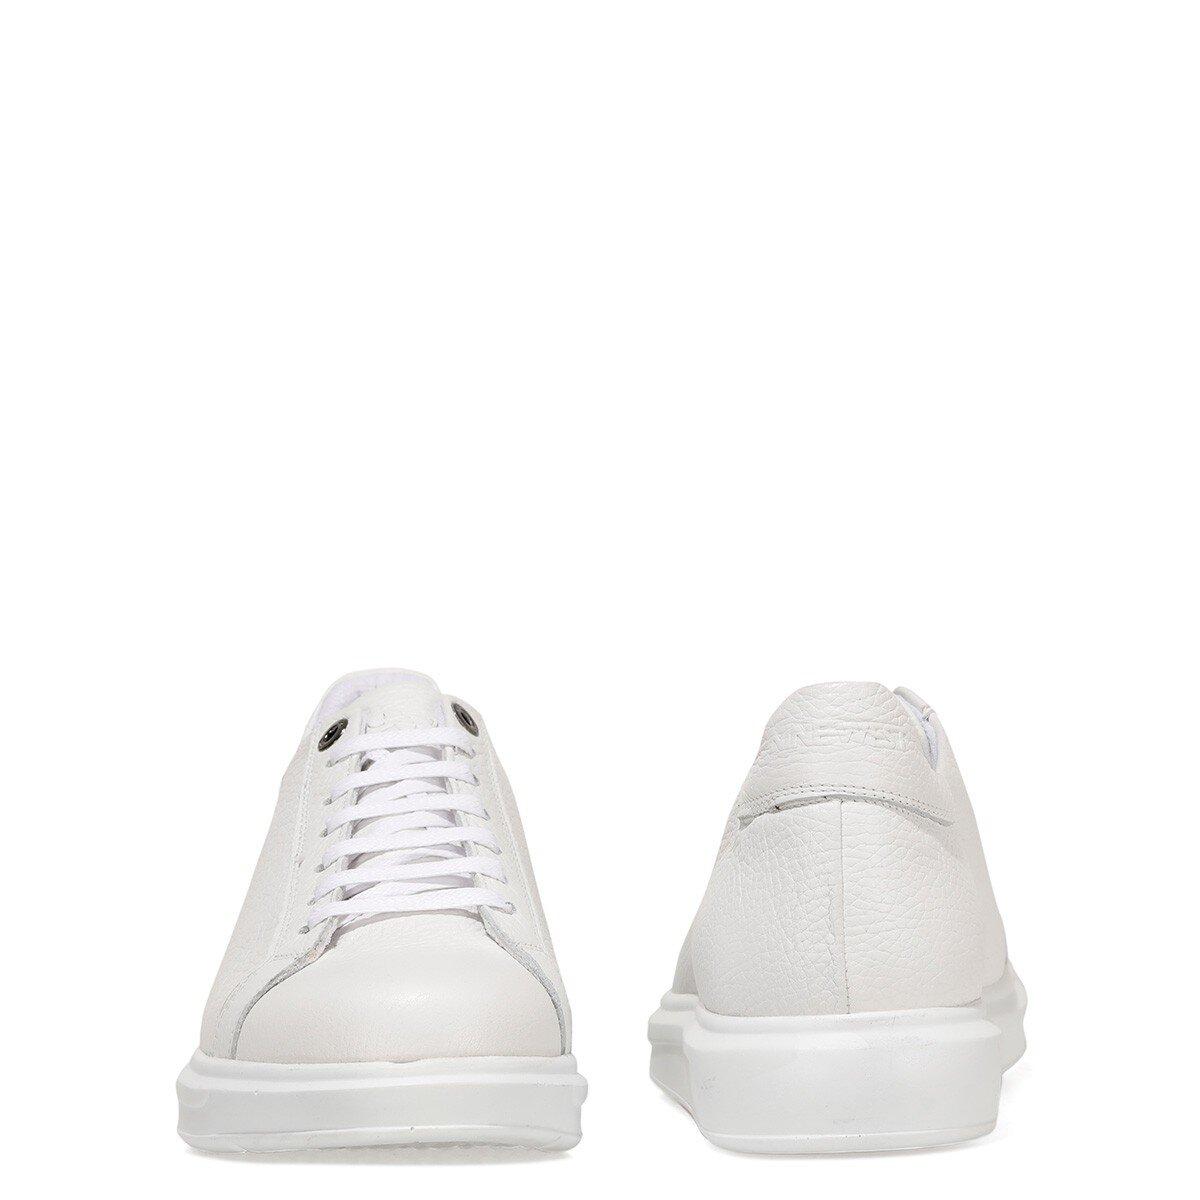 SANTEK 1FX Beyaz Erkek Kalın Tabanlı Sneaker